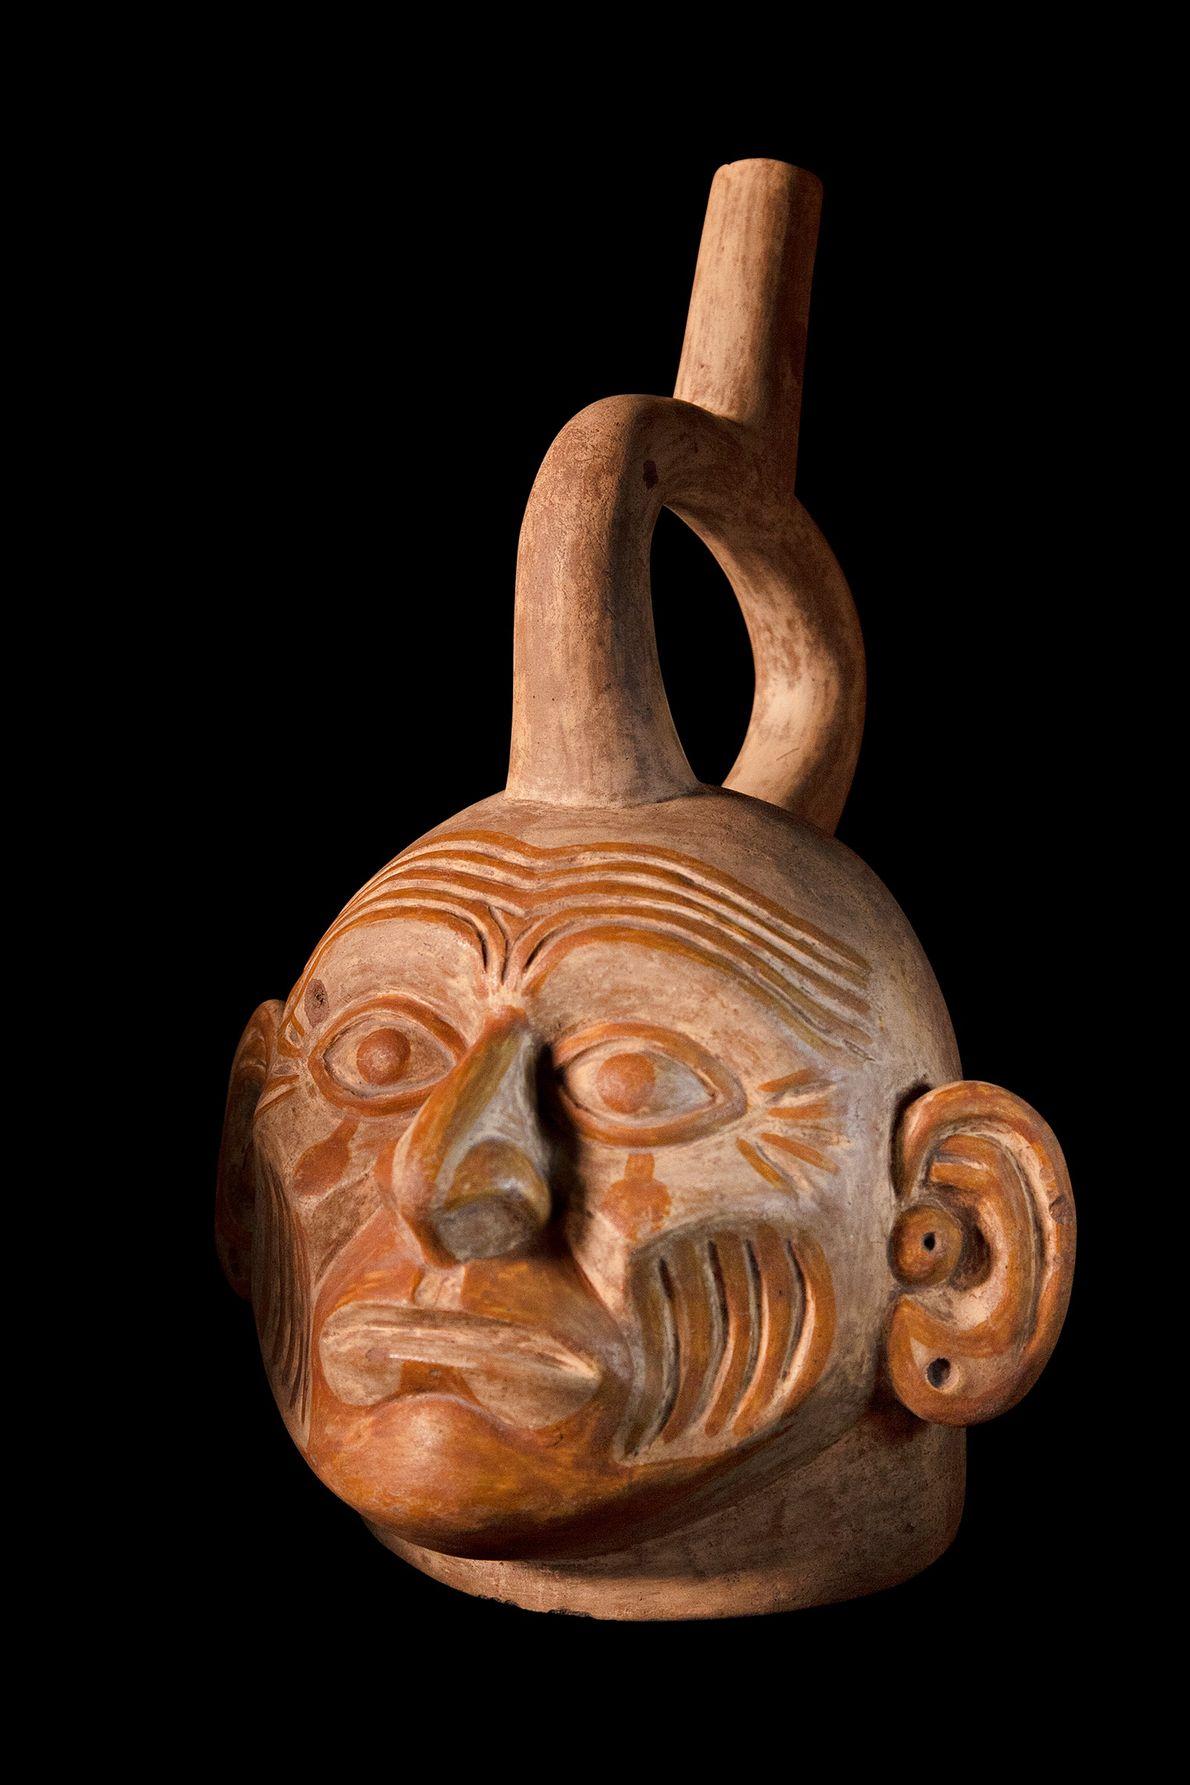 Jarro esculpido da cultura moche (100-700 d.C.) encontrado nos Andes Centrais, atual Peru. A peça mostra ...